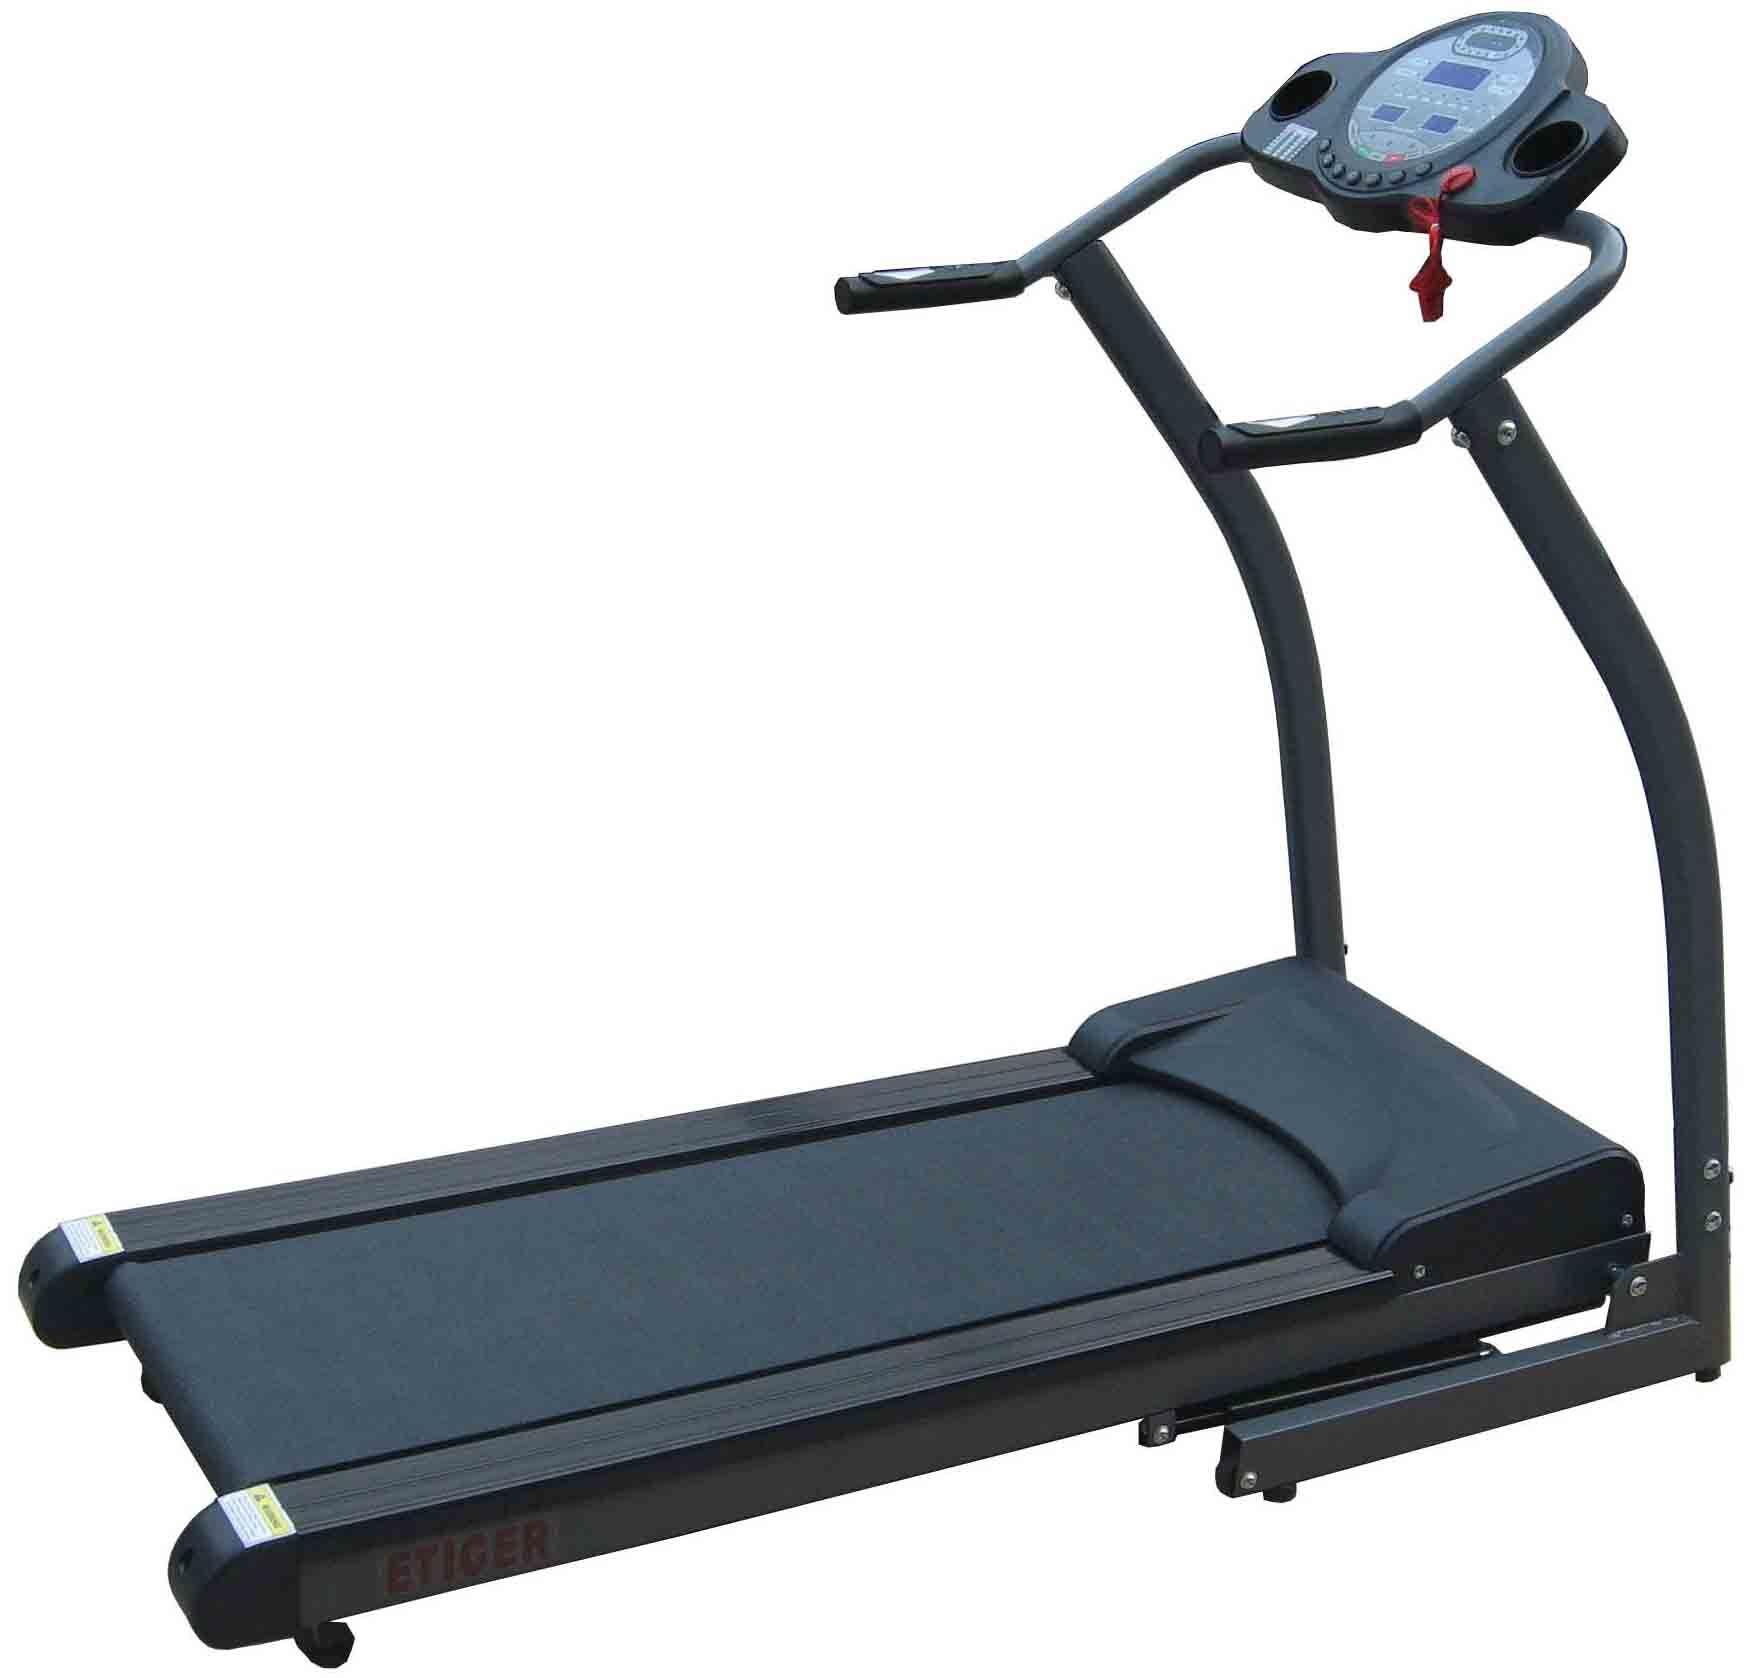 China Motorized Treadmill Yt530 A China Fitness Motorized Treadmill